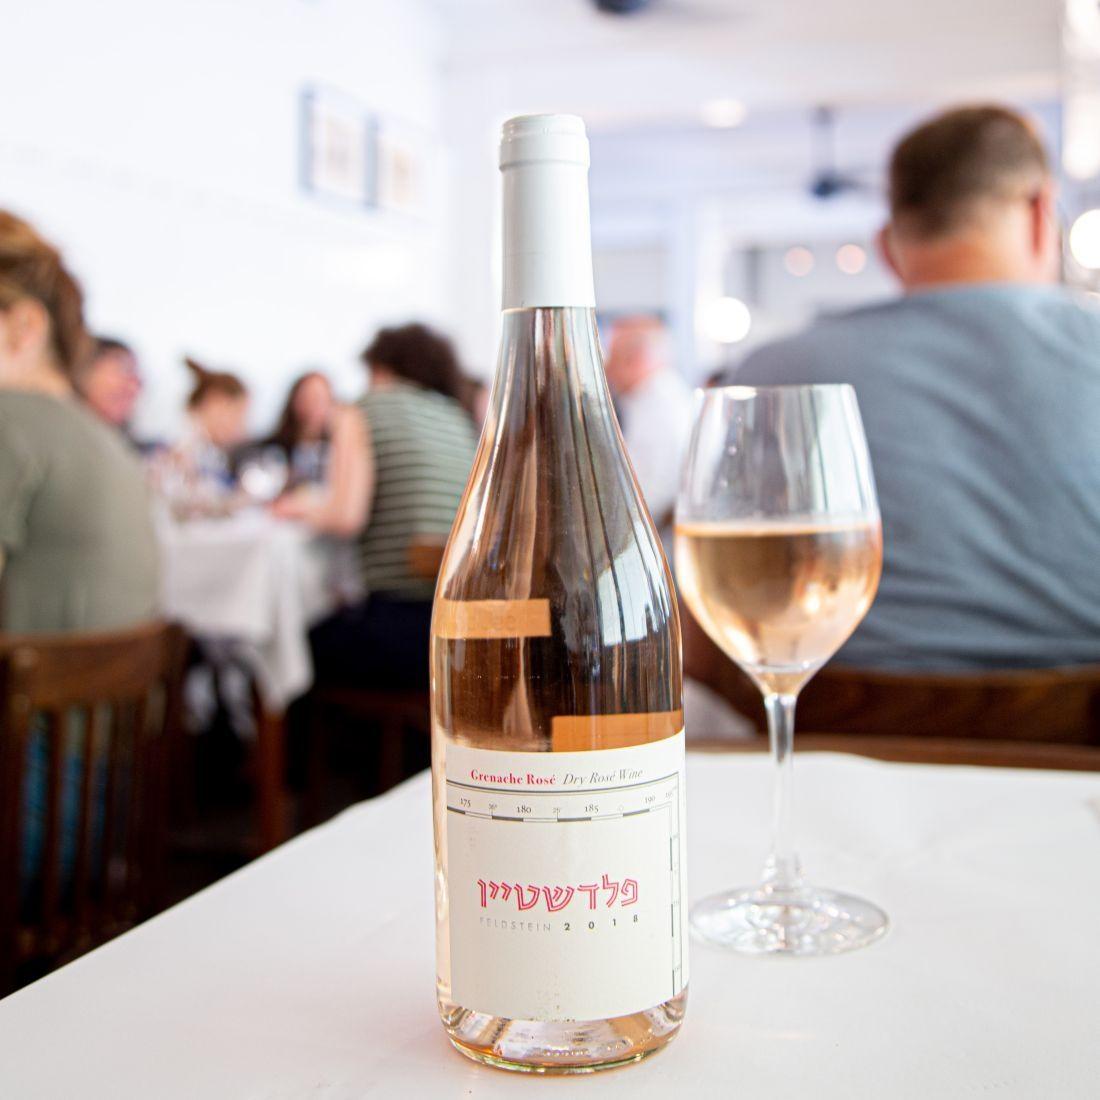 עם מעט קריניאן, בעל צבע עדין ומזכיר עשייה של יינות דרום צרפת. עדין וקלאסי